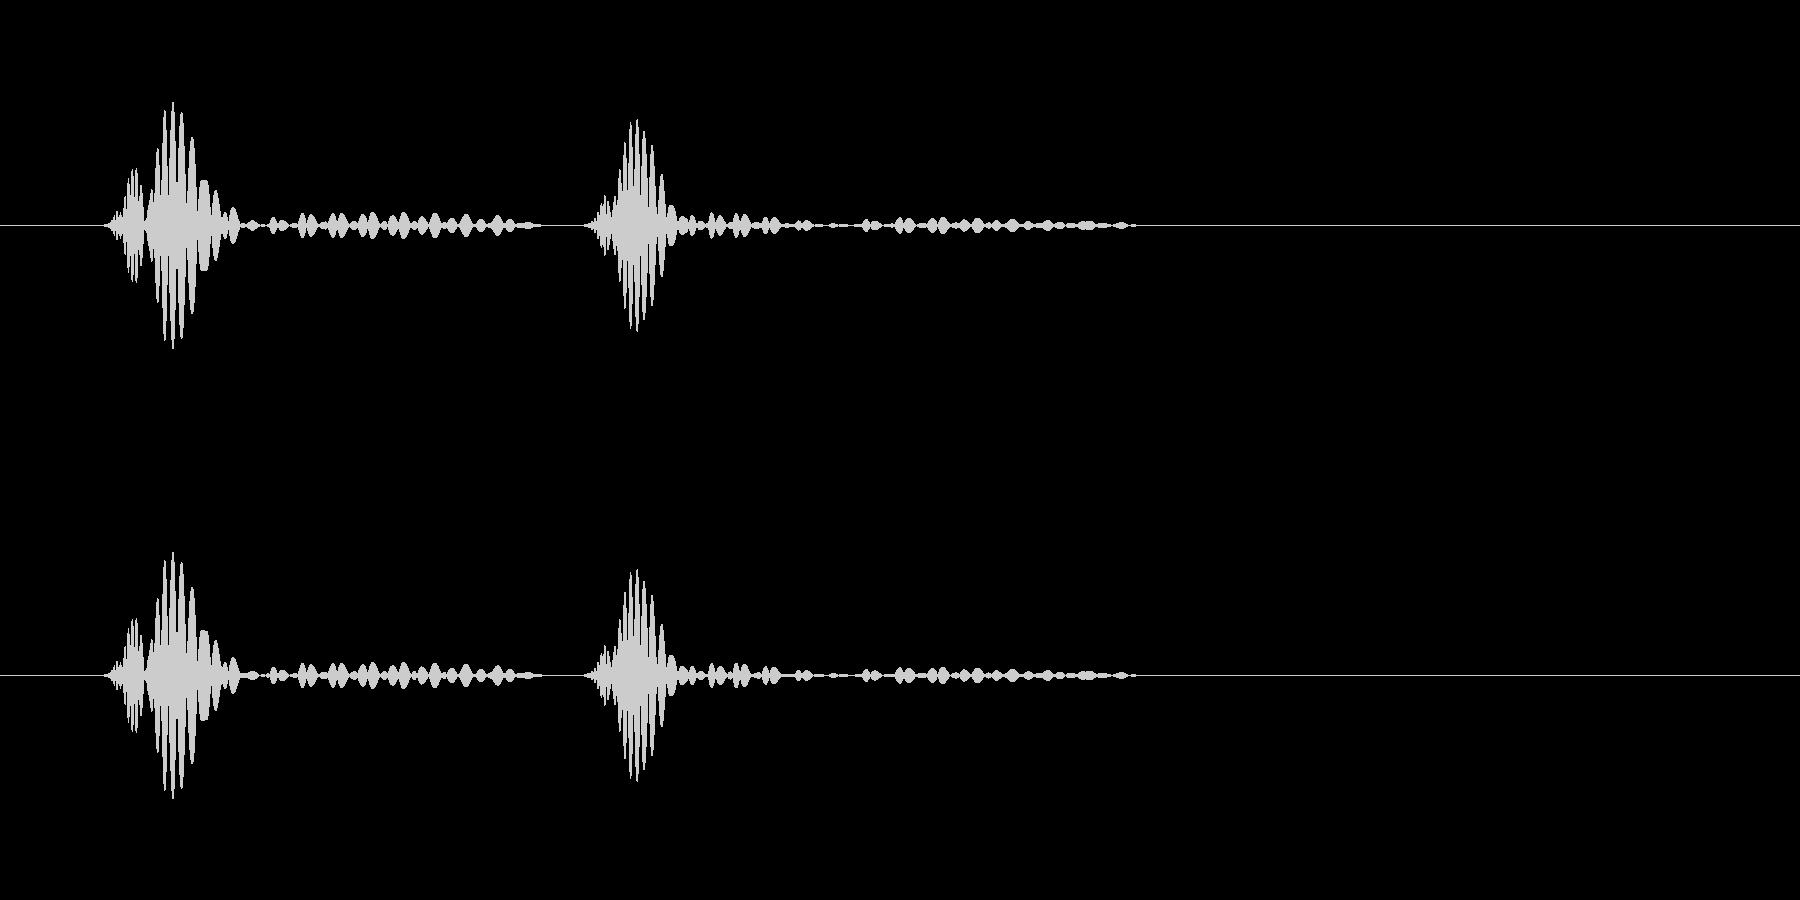 ドクン…という心臓の鼓動の音の未再生の波形